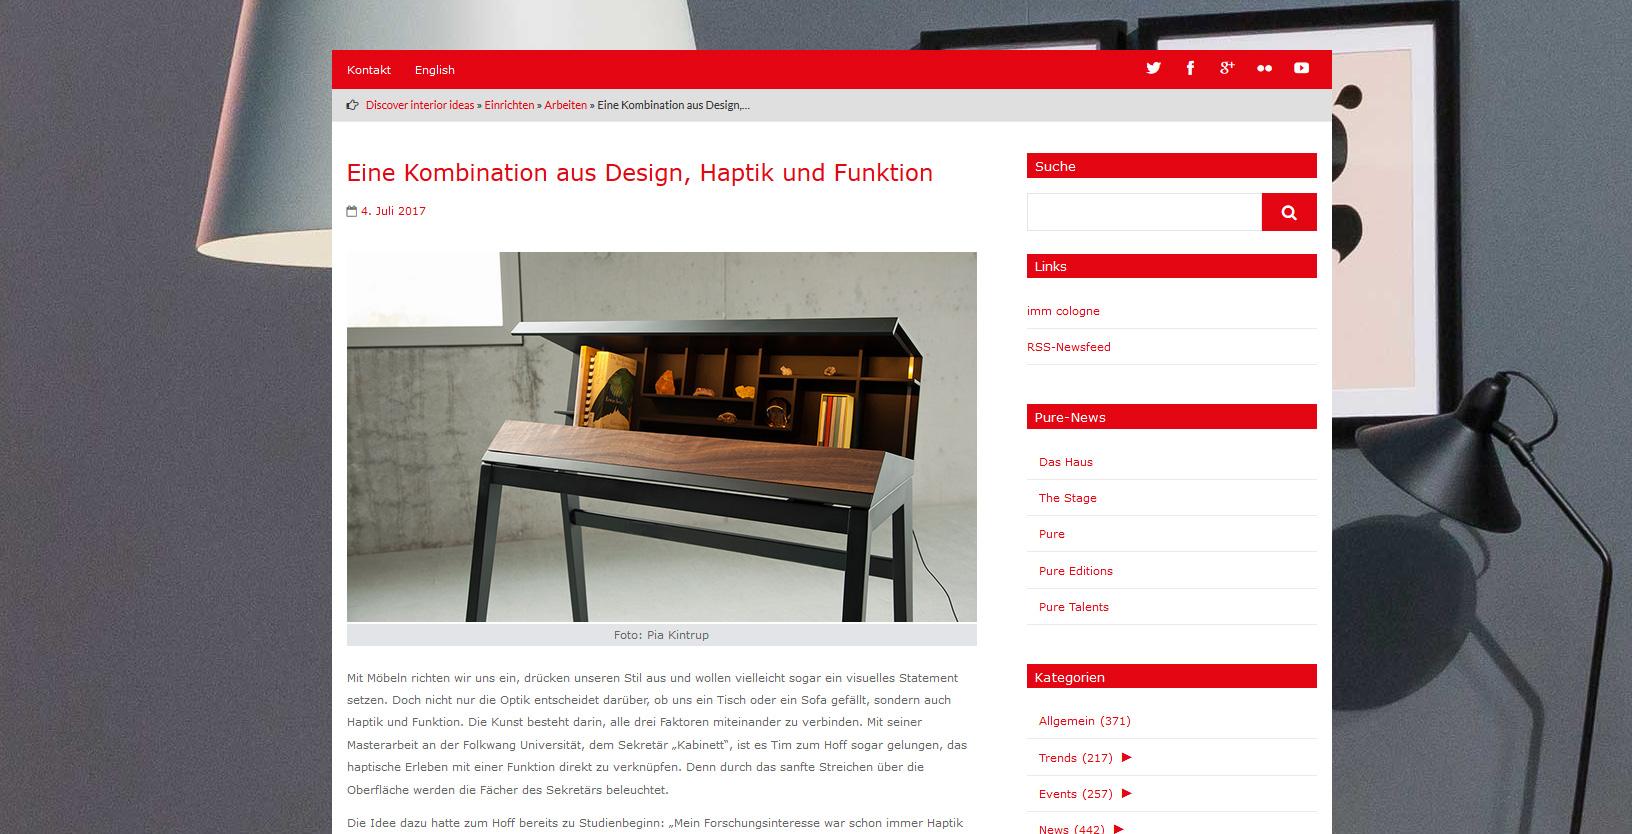 blog-imm.jpg